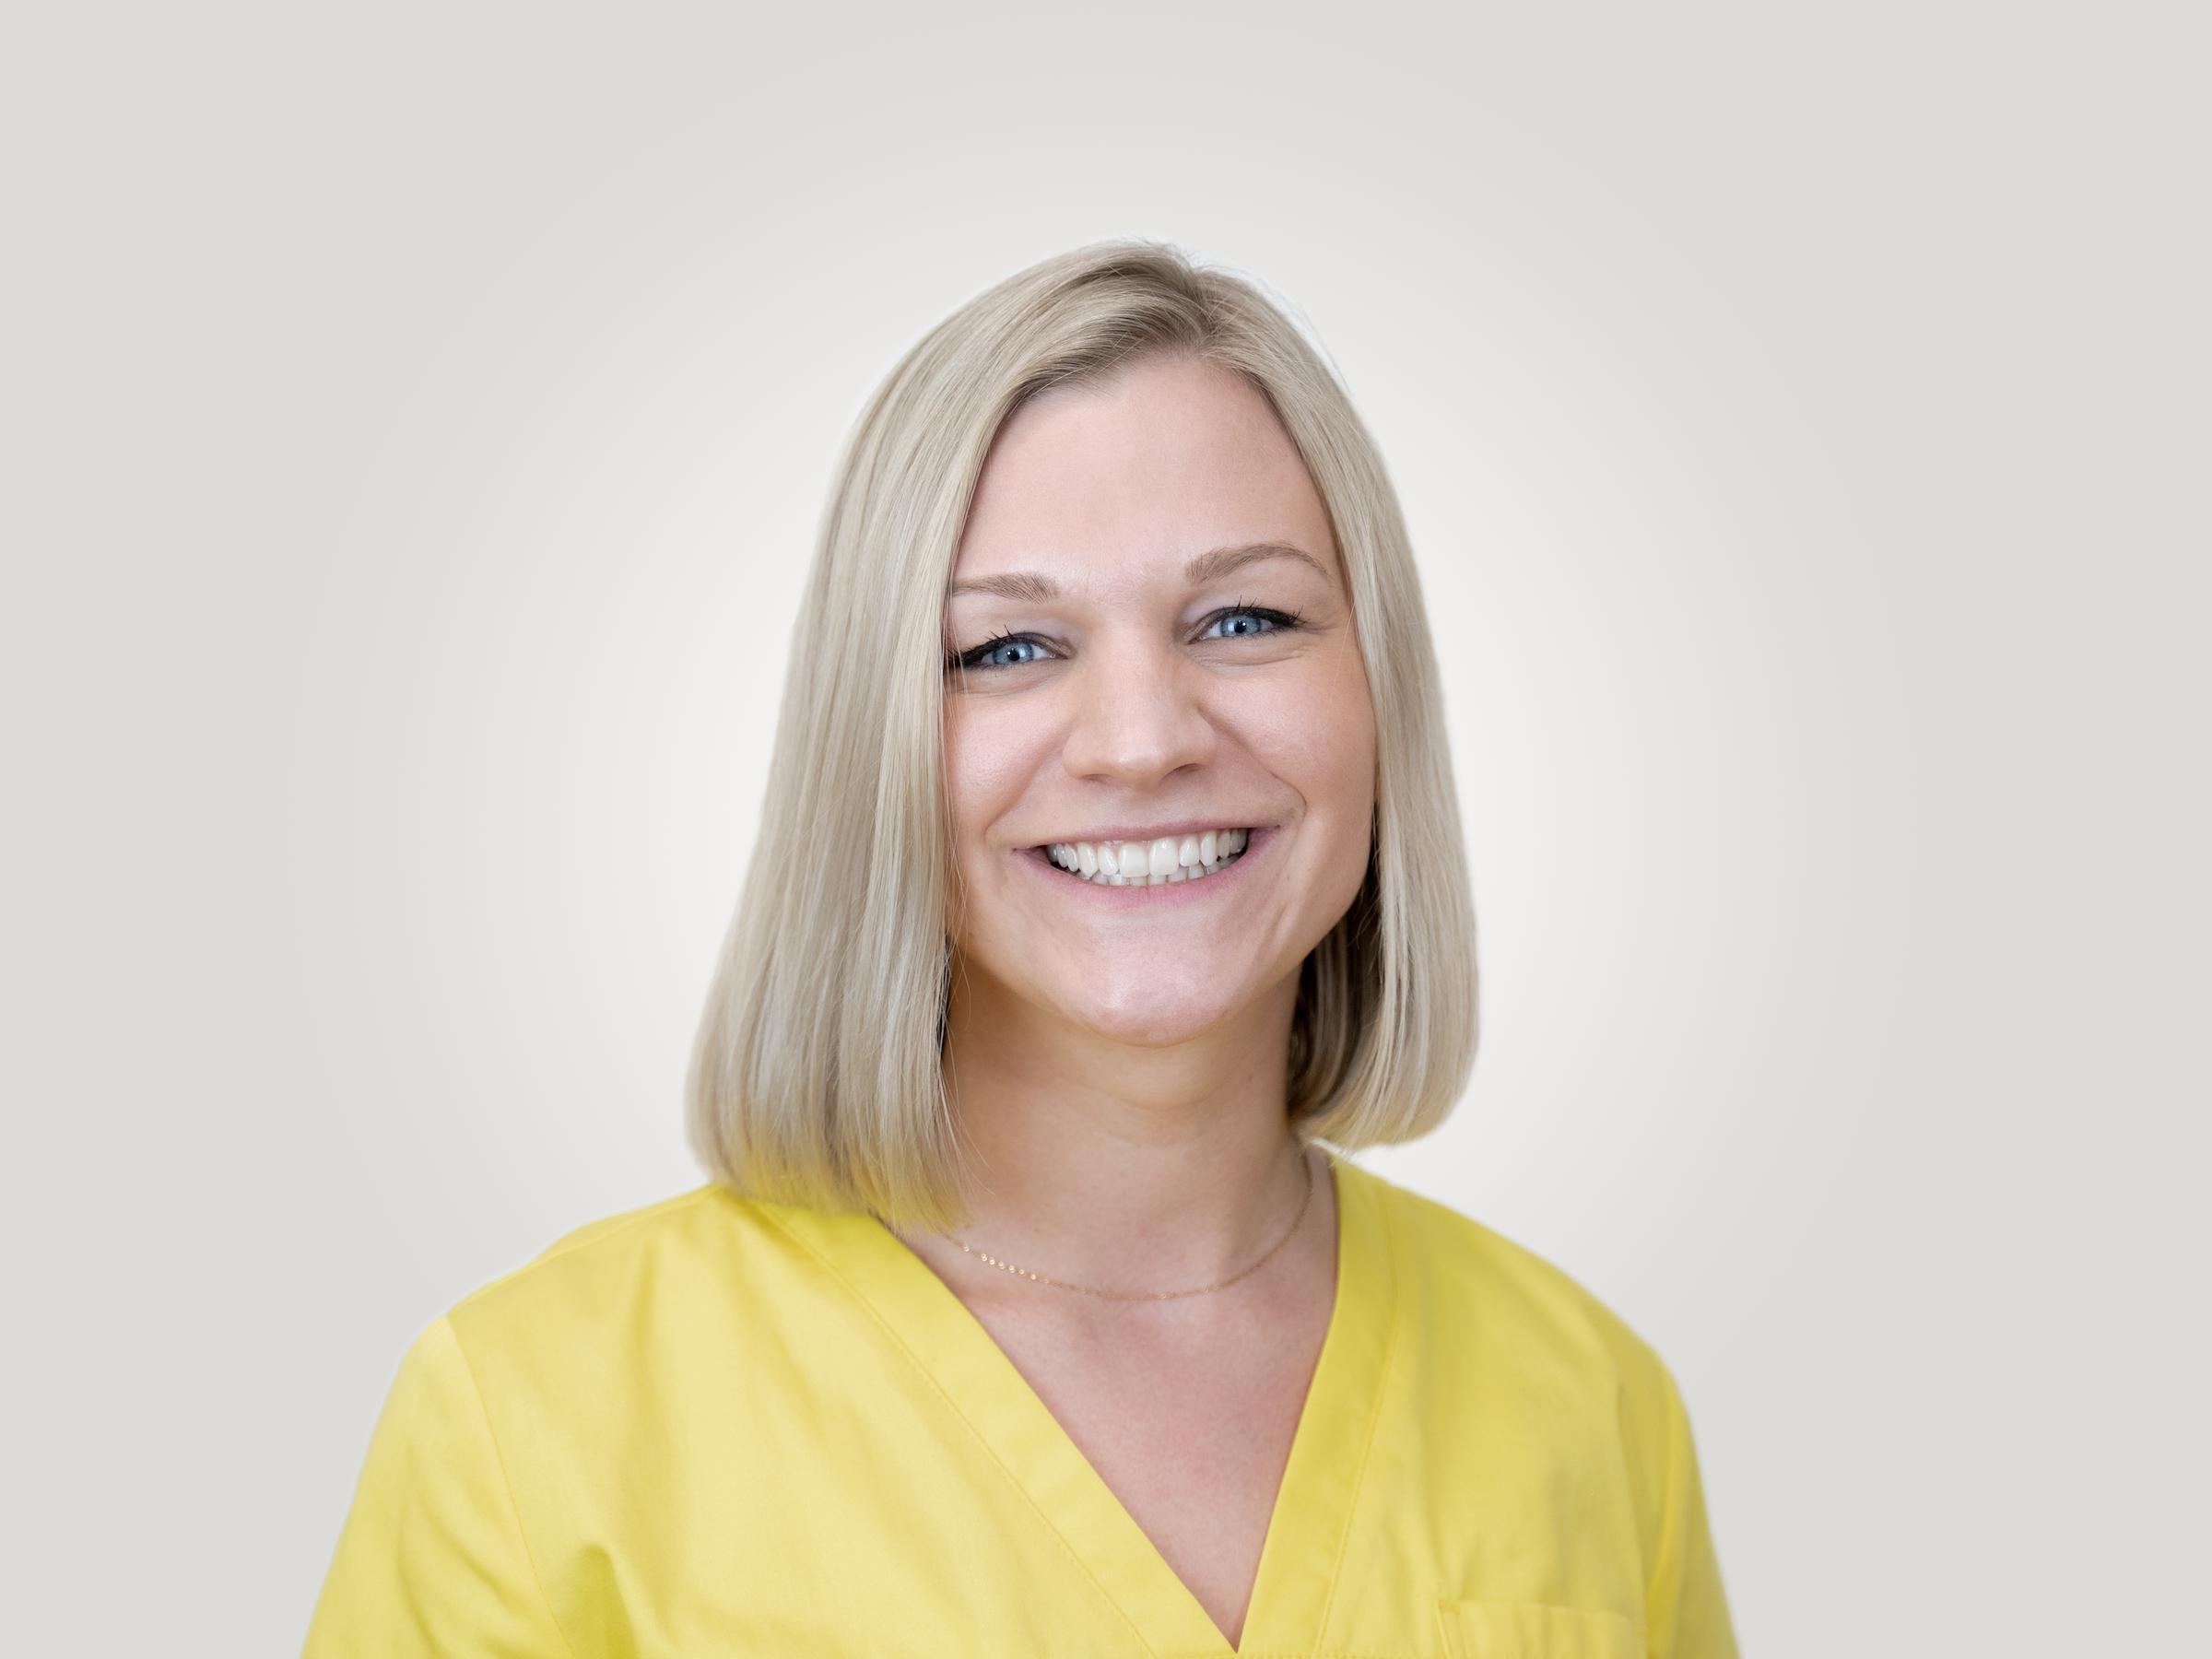 Anne Lichte Mitarbeiterin MKG PLUS Fachzahnarzt Zentrum Münster